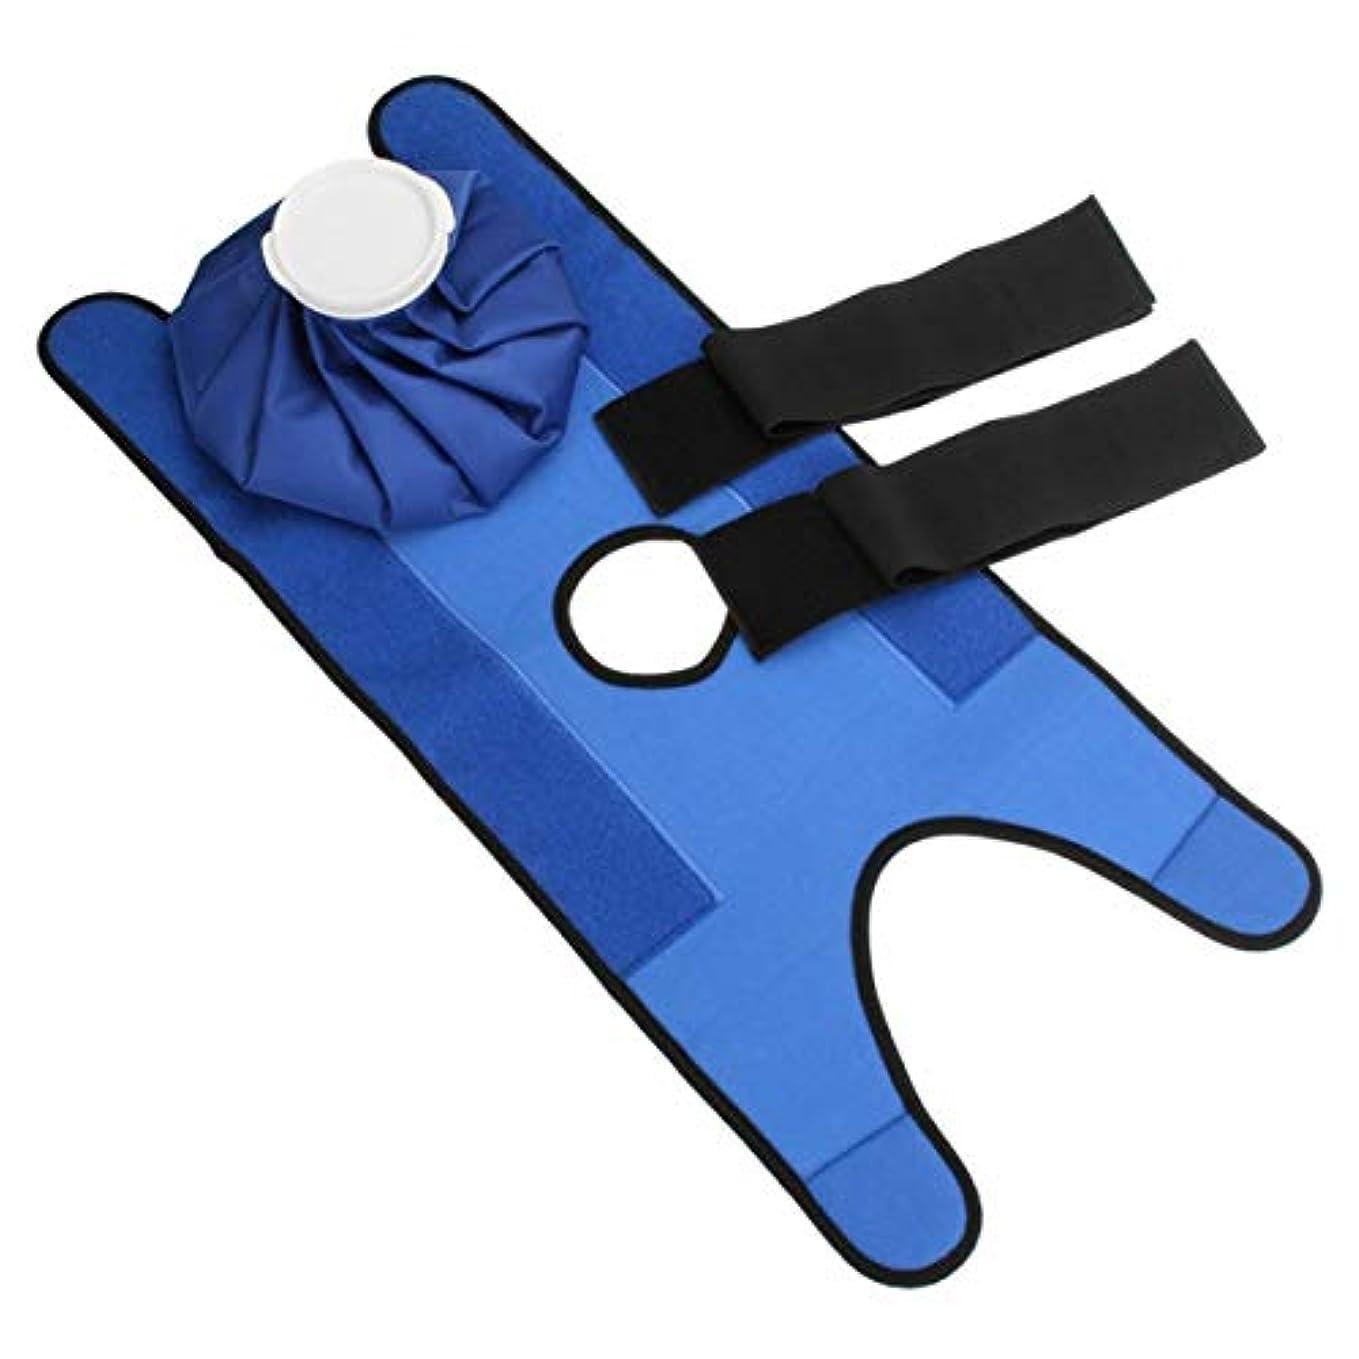 変位からかう部Intercoreyコンパクトサイズ再利用可能ヘルスケア膝頭脚筋肉スポーツ傷害救済痛みアイスバッグ無毒アイスパック包帯付き